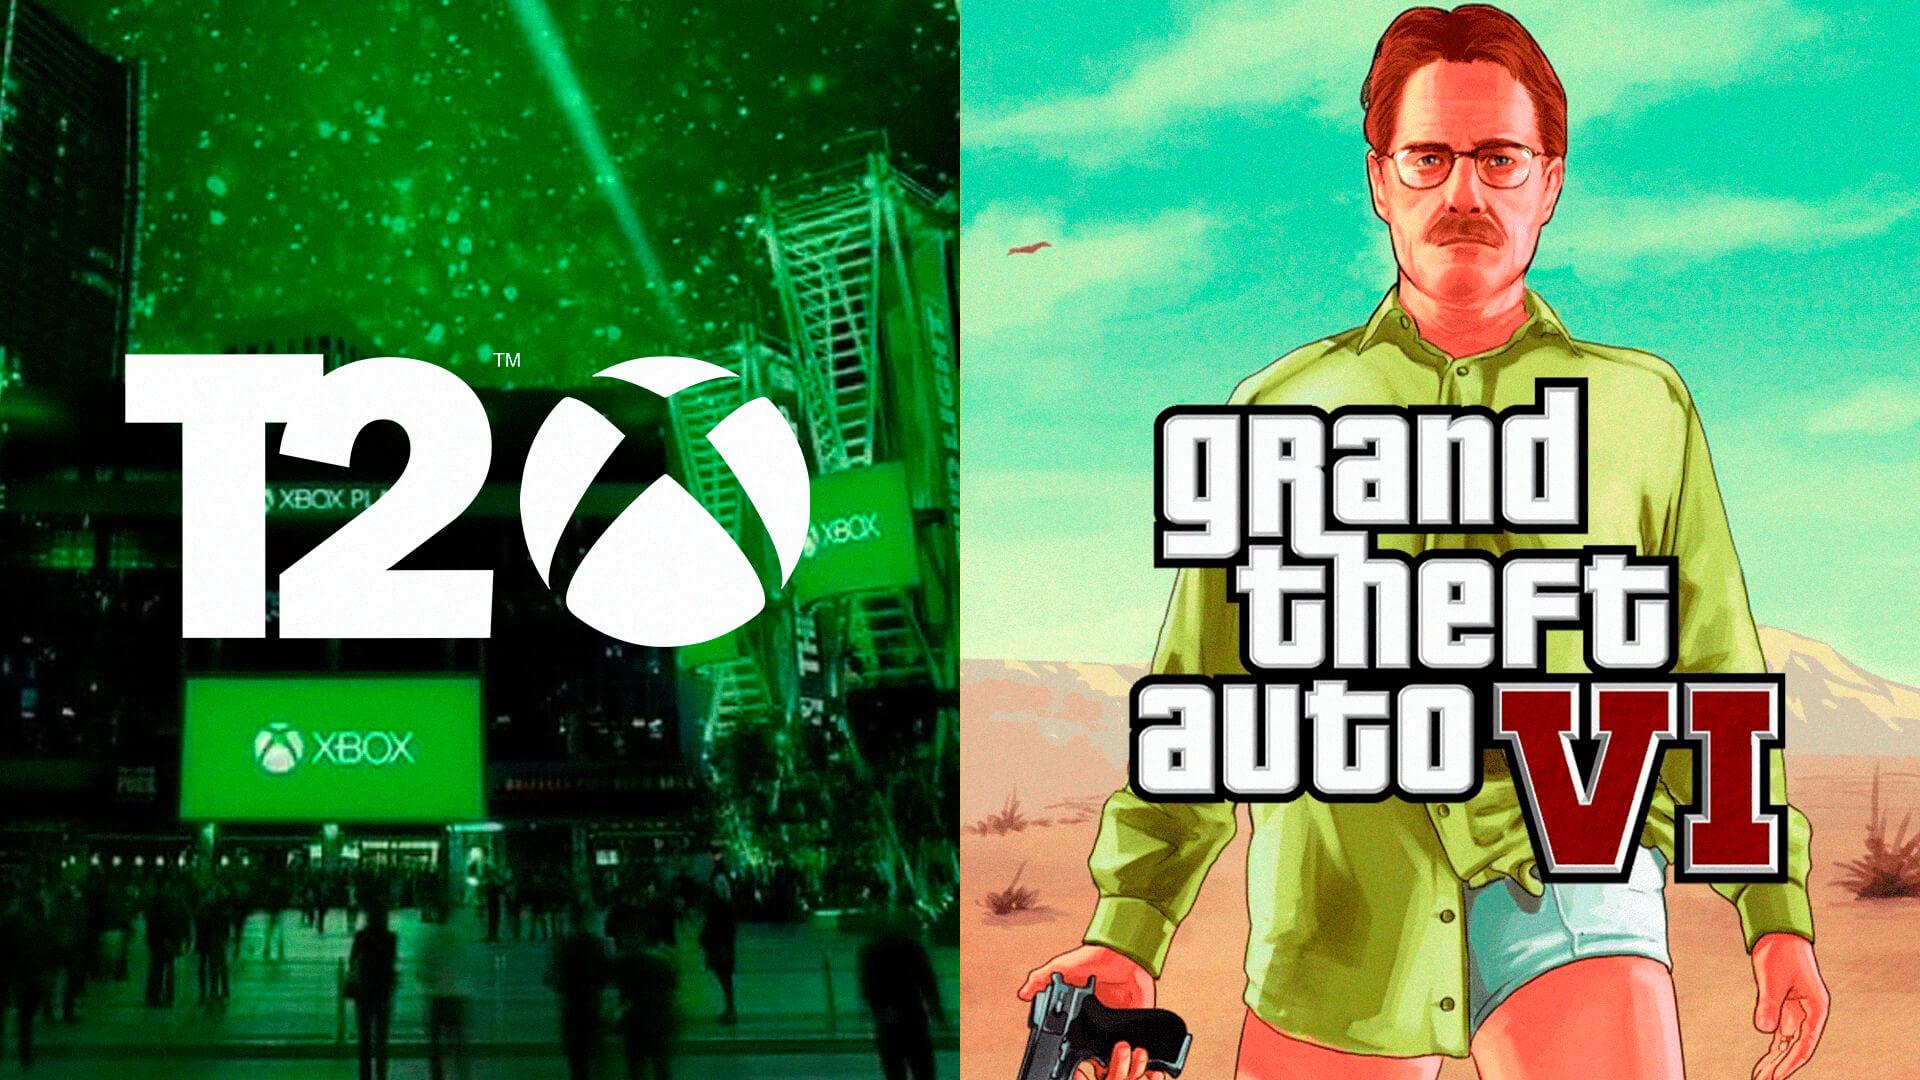 O jornalista Jez Corden, voltou a afirmar que a Take Two, dona da Rockstar Games e outros estúdios, pode ser adquirida em breve.